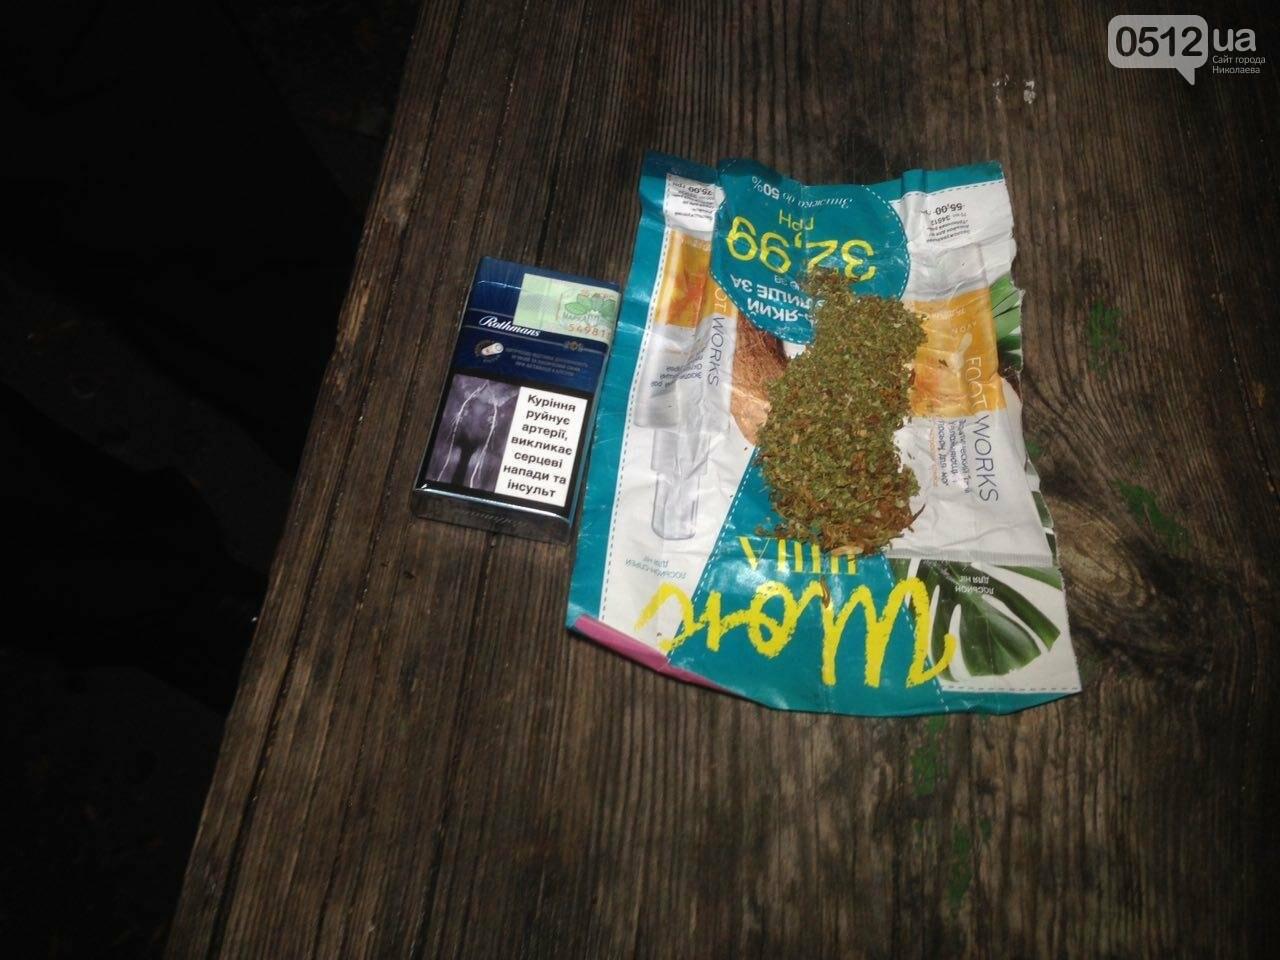 В Николаеве патрульные задержали компанию парней, куривших коноплю в парке возле яхт-клуба, - ФОТО, фото-3